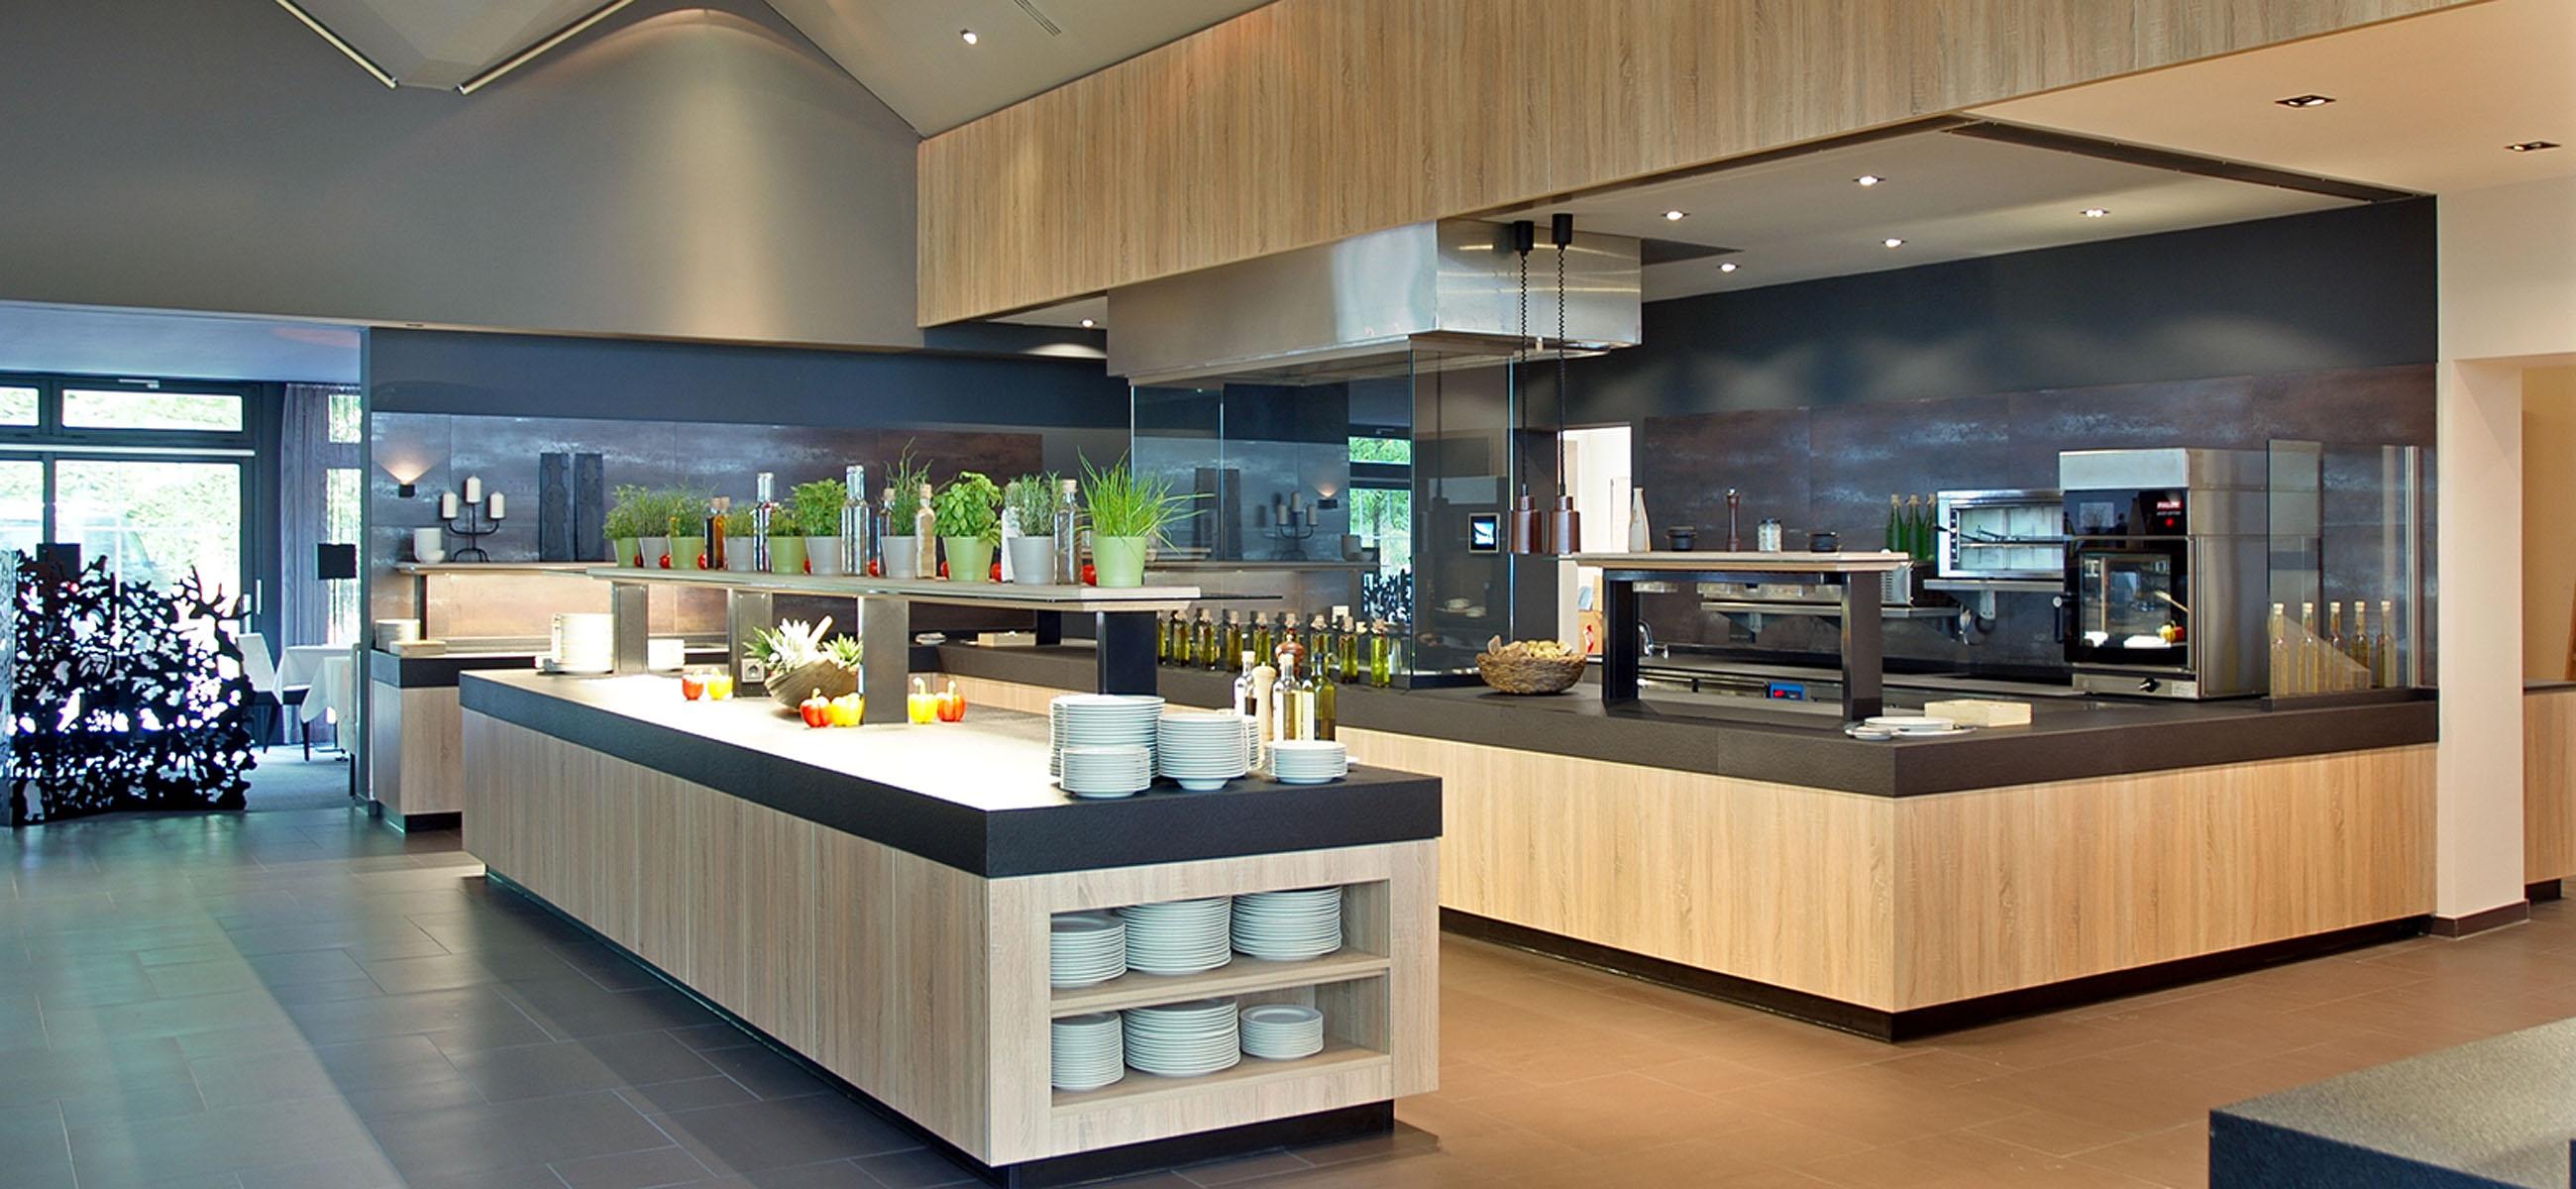 Fein Offene Küche Restaurant Galerie - Die Kinderzimmer Design Ideen - pecko.info